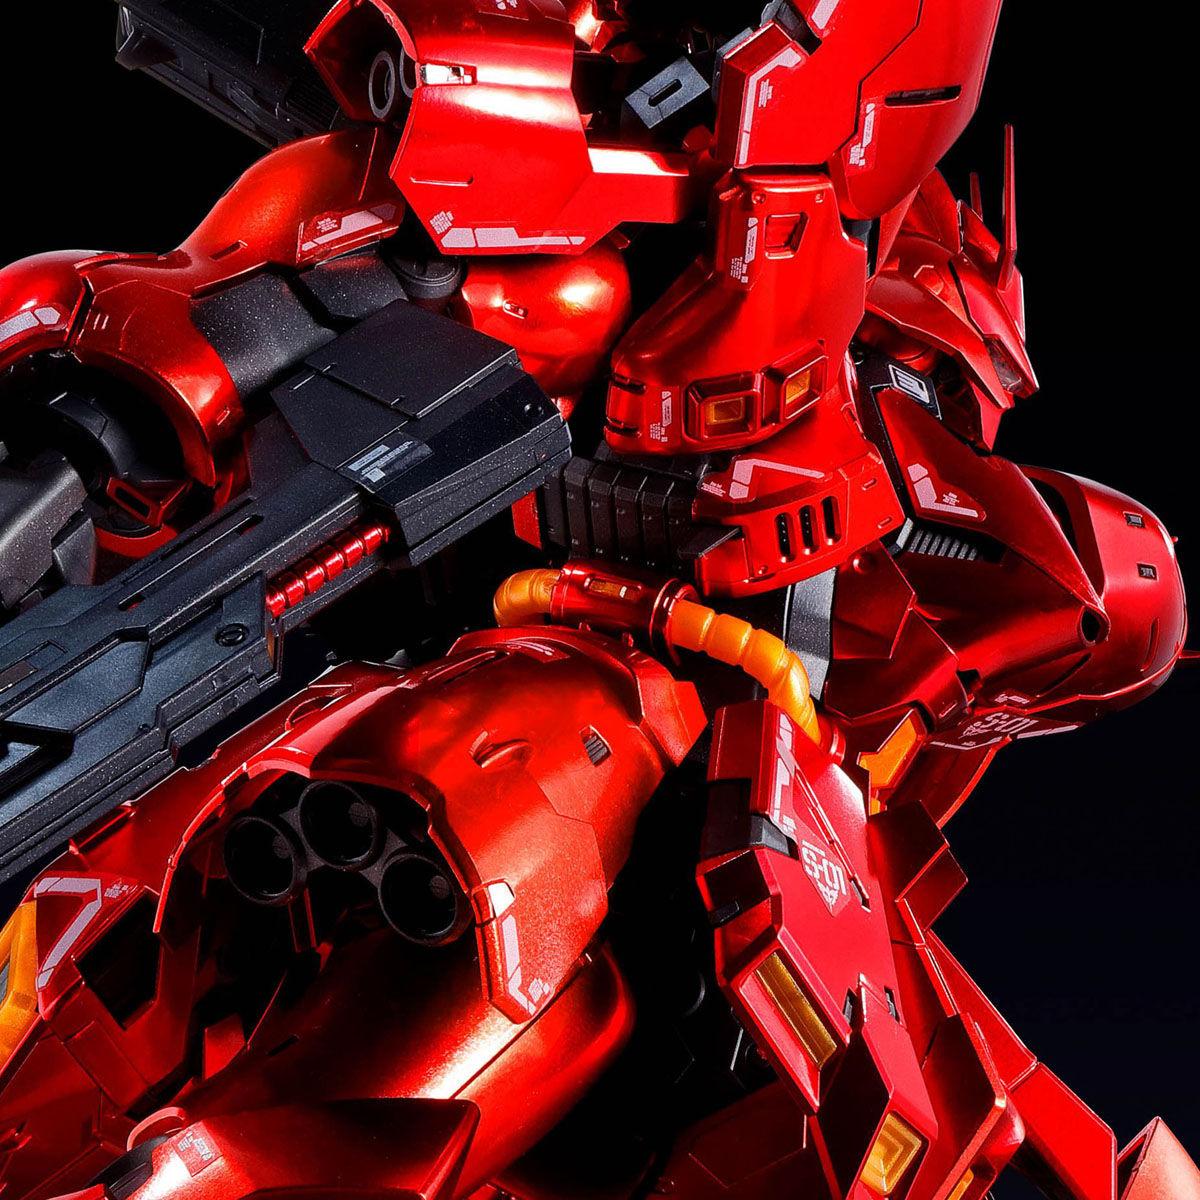 【限定販売】【再販】RG 1/144『サザビー[スペシャルコーティング]』逆襲のシャア プラモデル-002